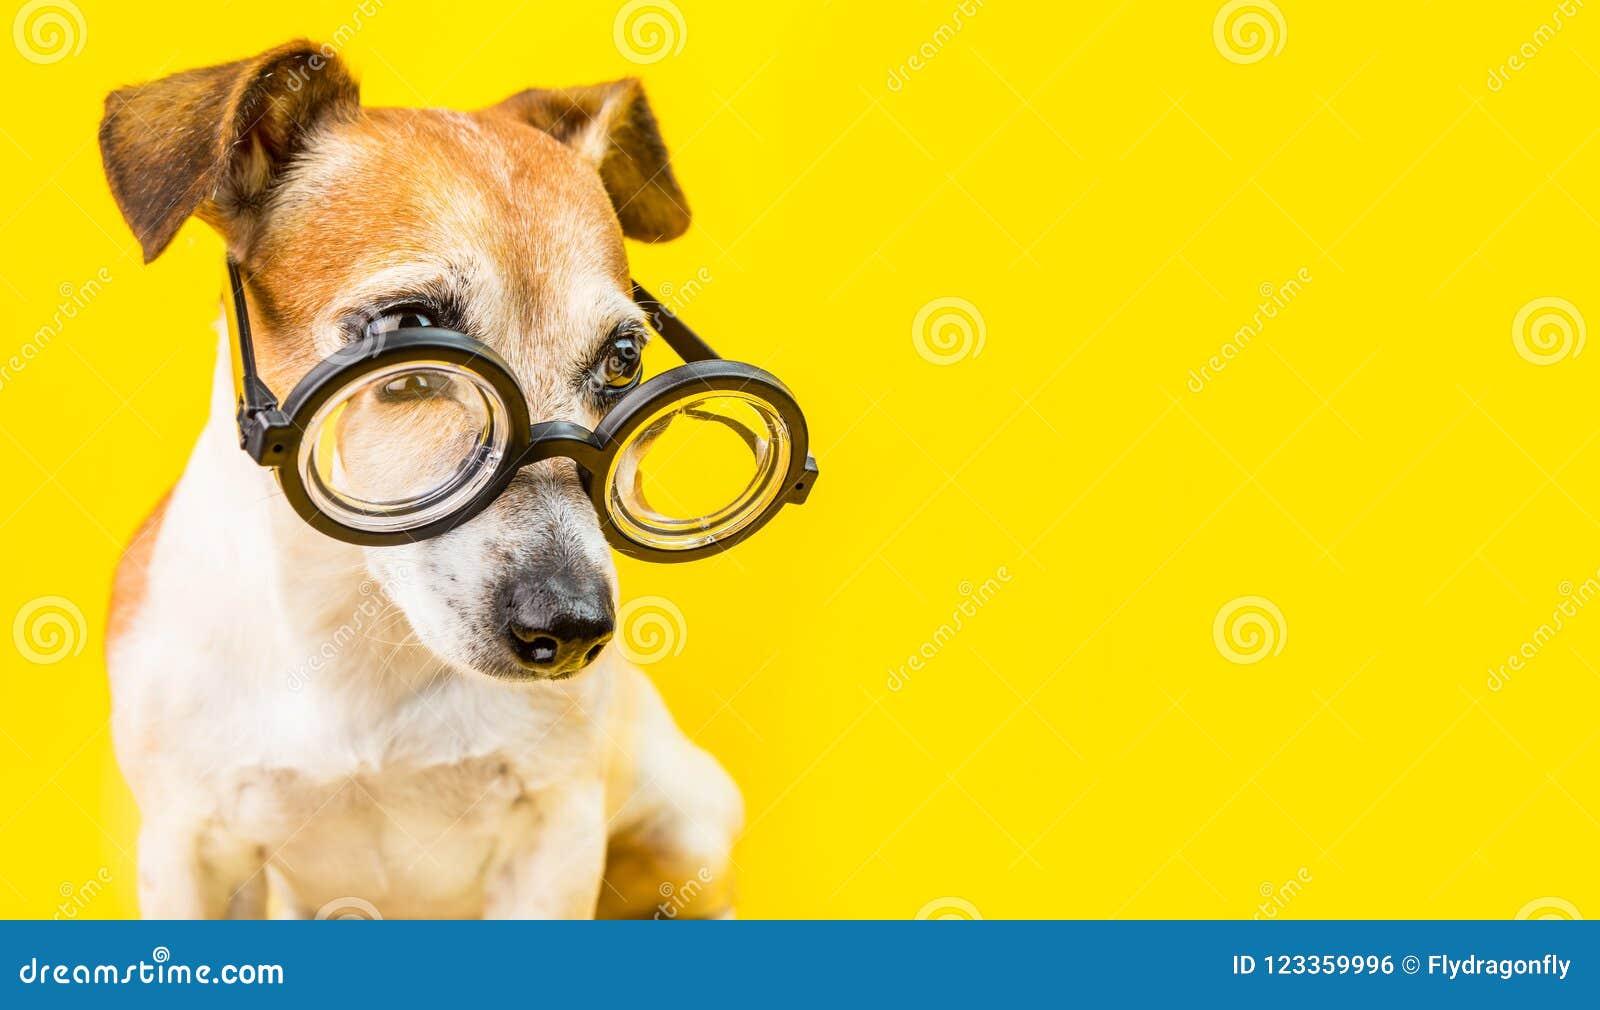 Nyfiken allvarlig gullig hundstålarrussell terrier i exponeringsglas på gul bakgrund Isolerat på vit bakgrund tillbaka skola till